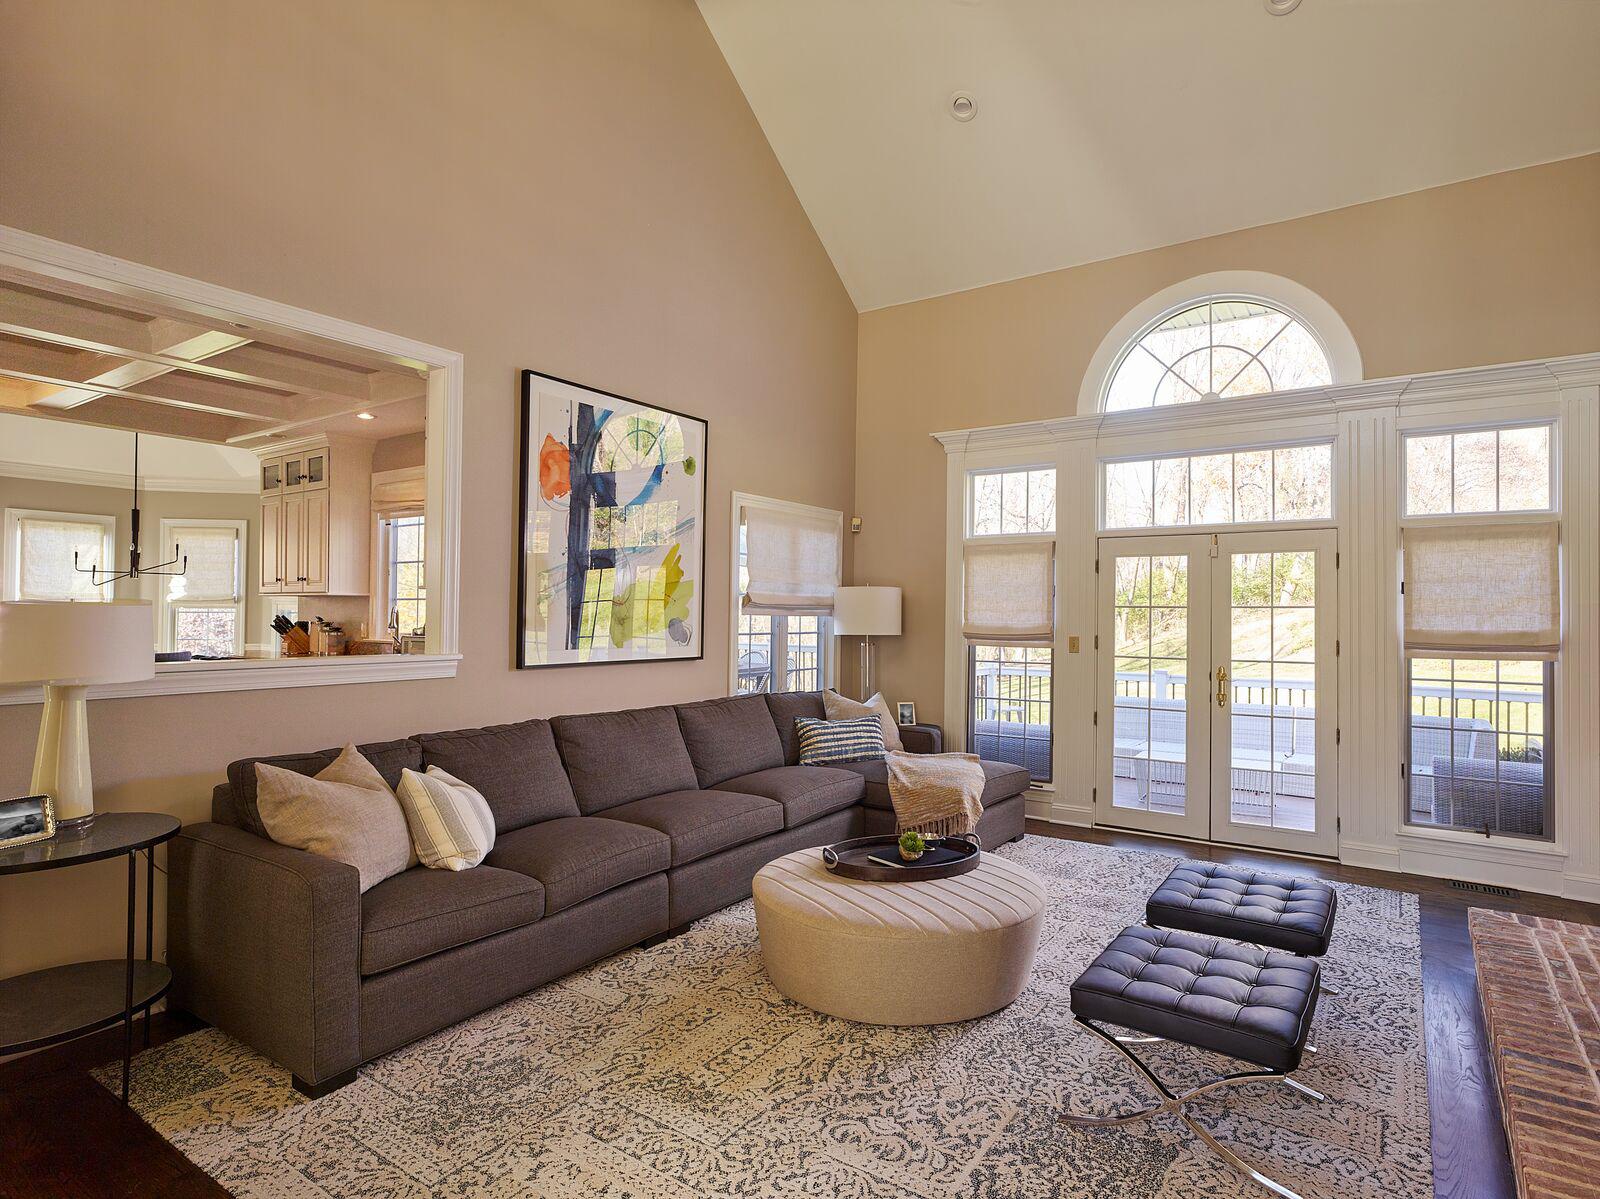 livingroom copy (1) (3).jpg